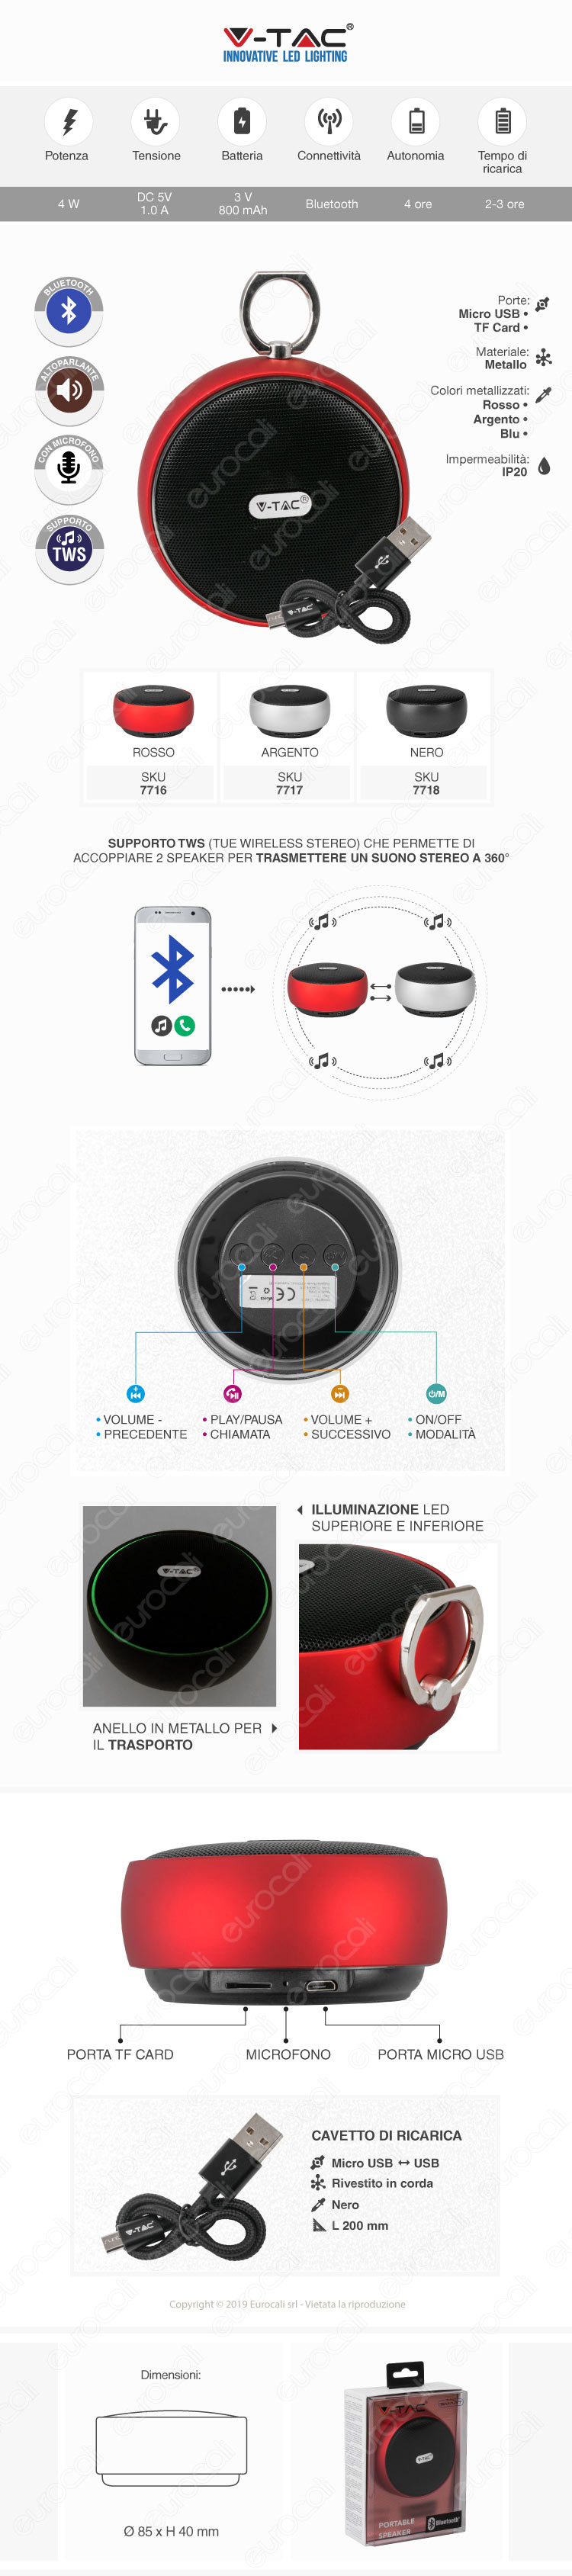 VT-6211 V-Tac Speaker Bluetooth Portatile 4W con Microfono Ingresso MicroSD e Radio FM